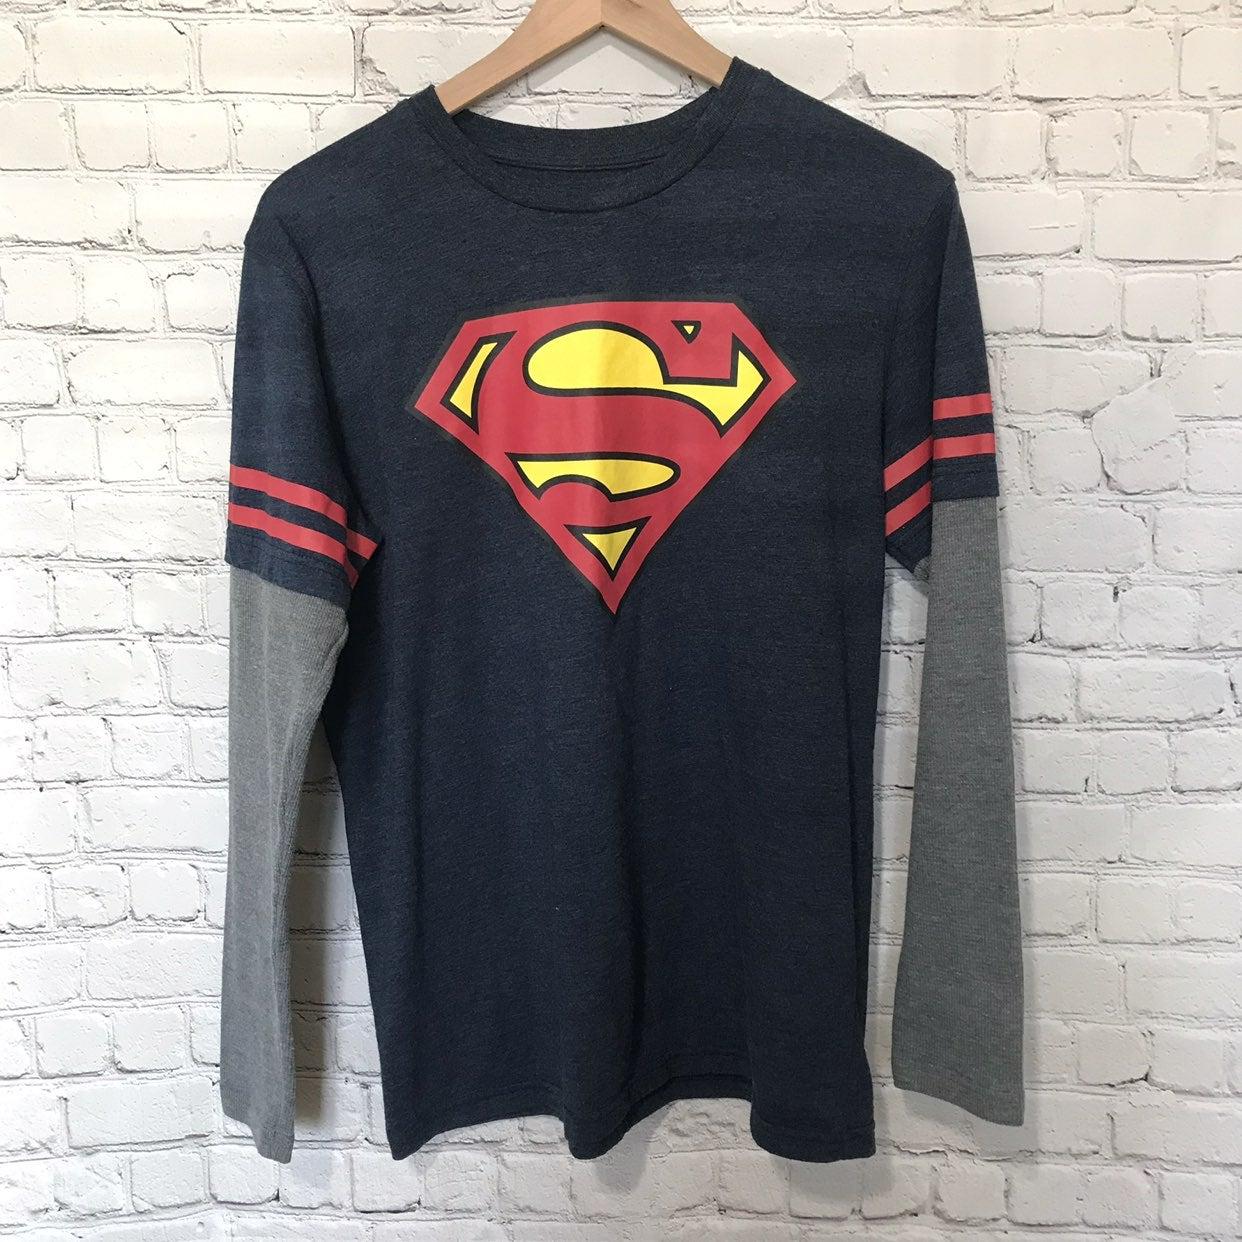 Superman Layered Look Long Sleeve Tee